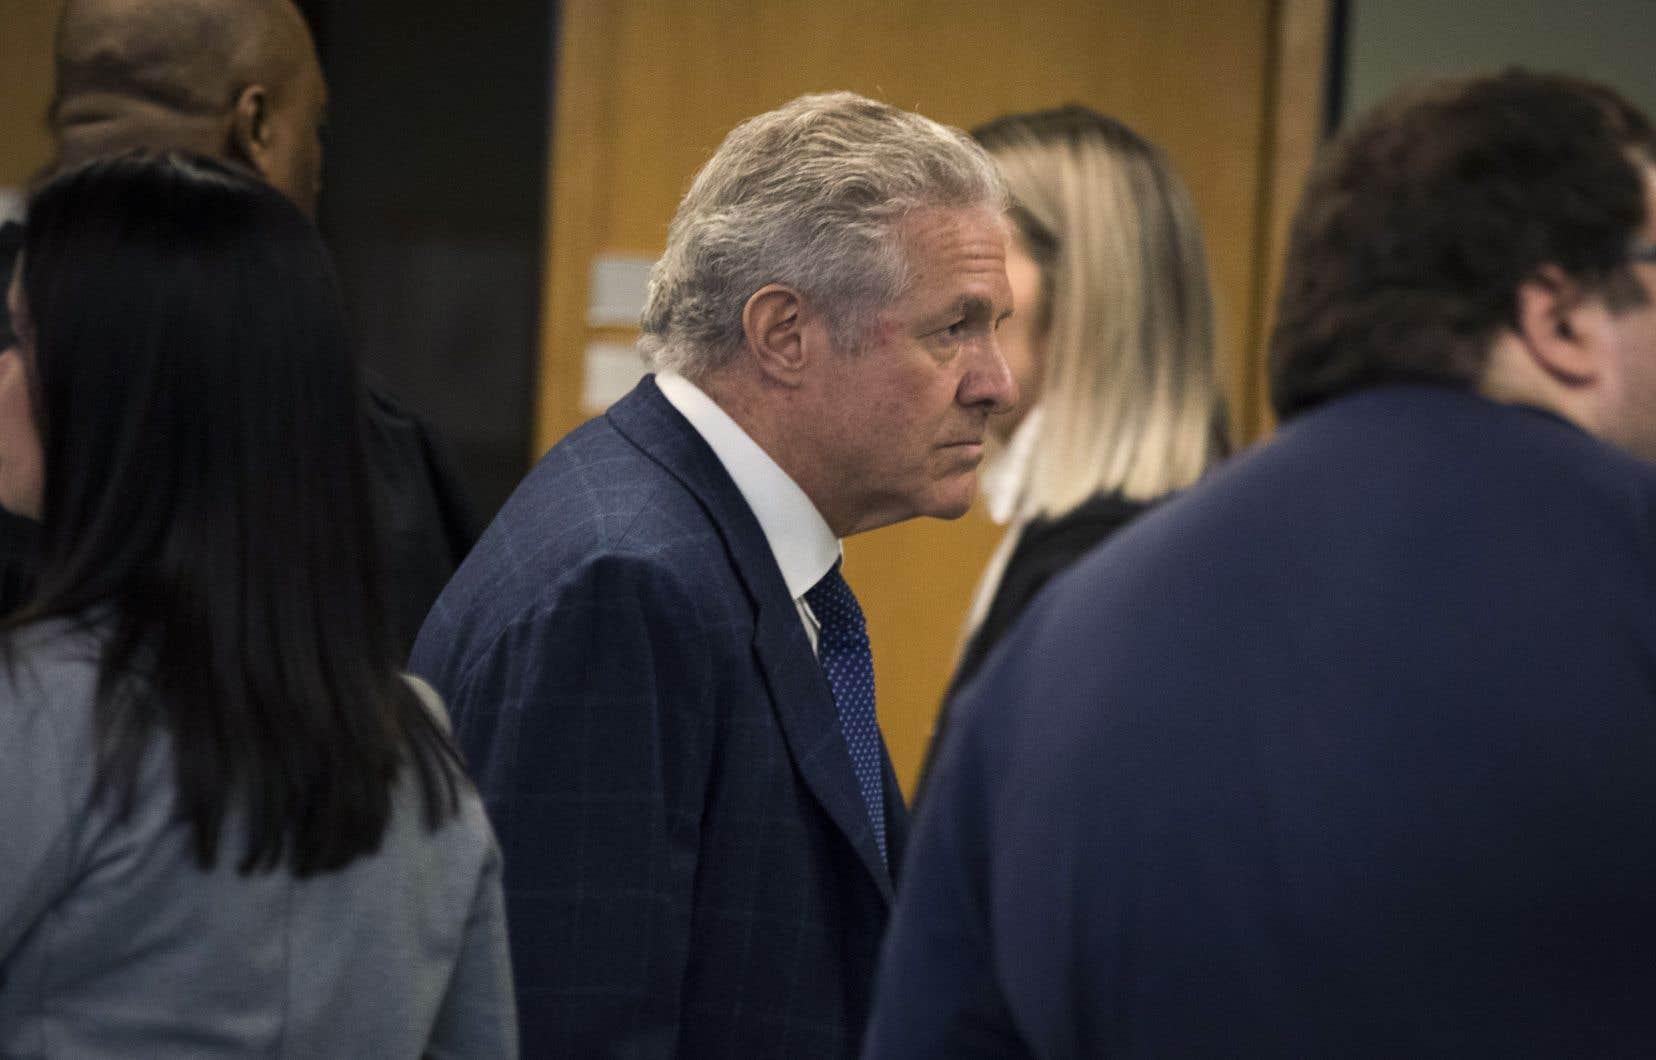 L'ex-entrepreneur Tony Accurso était le dernier témoin à son procès pour fraude.